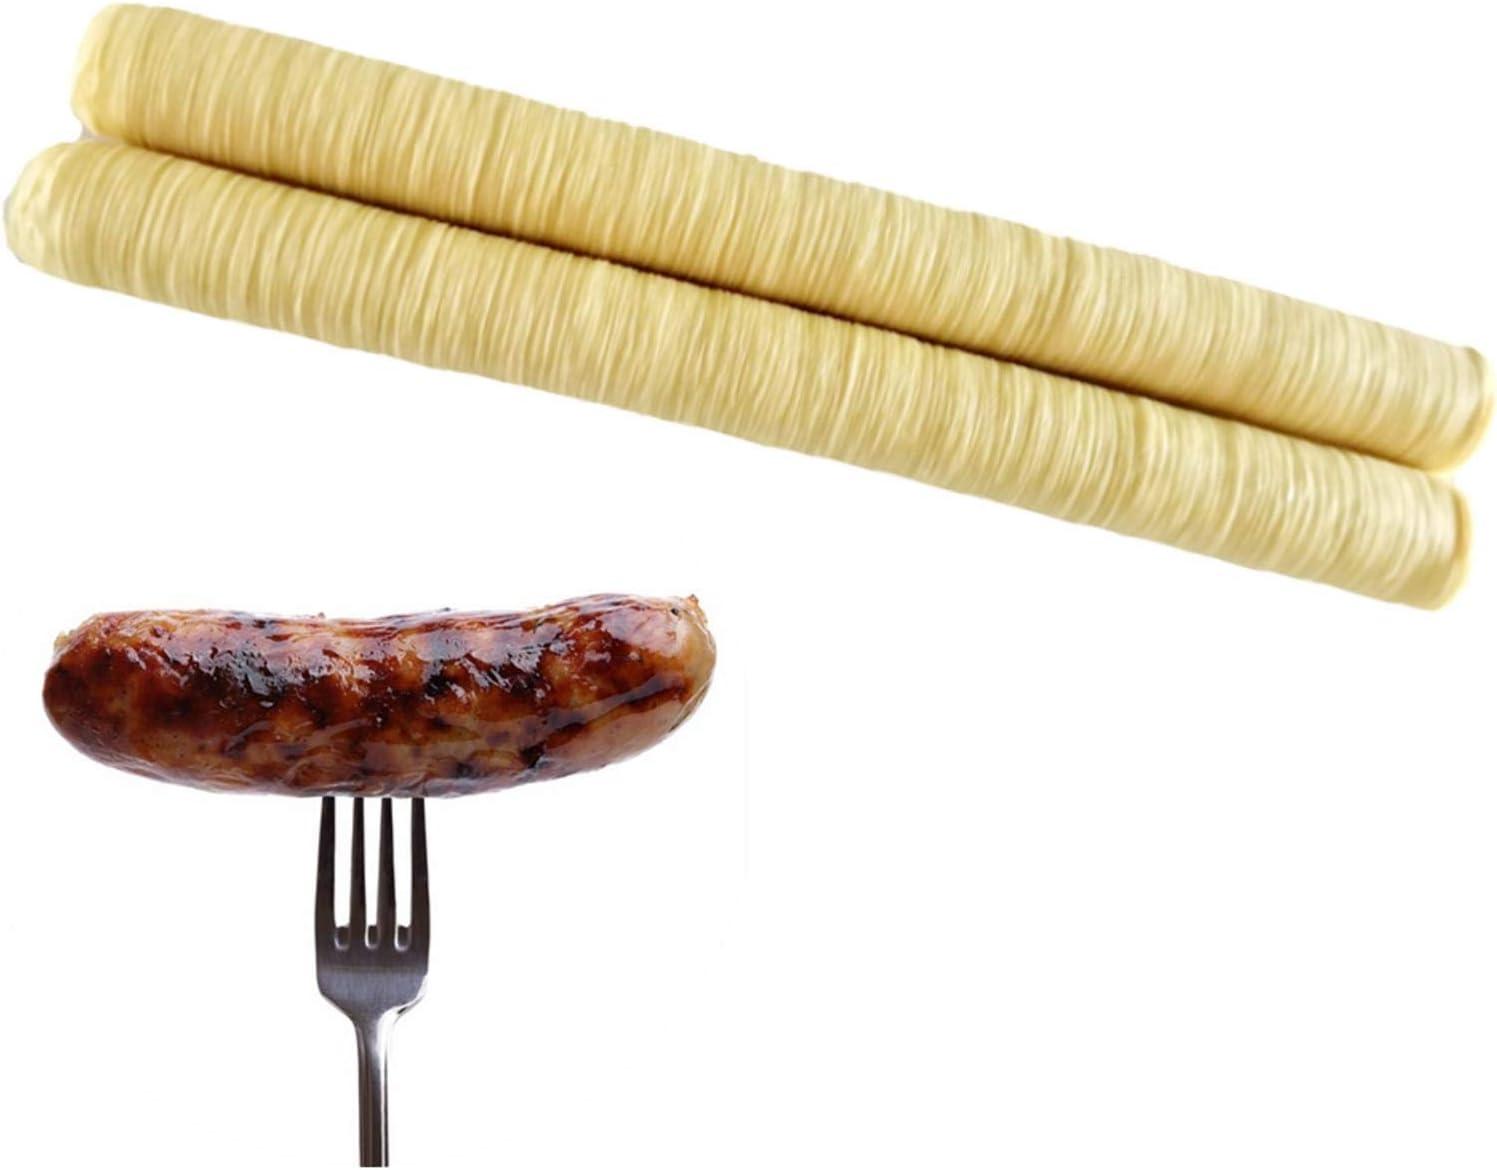 Discount is also underway Yiida Sausage Casings Edible 14m Very popular N 26mm Vegan X Casing